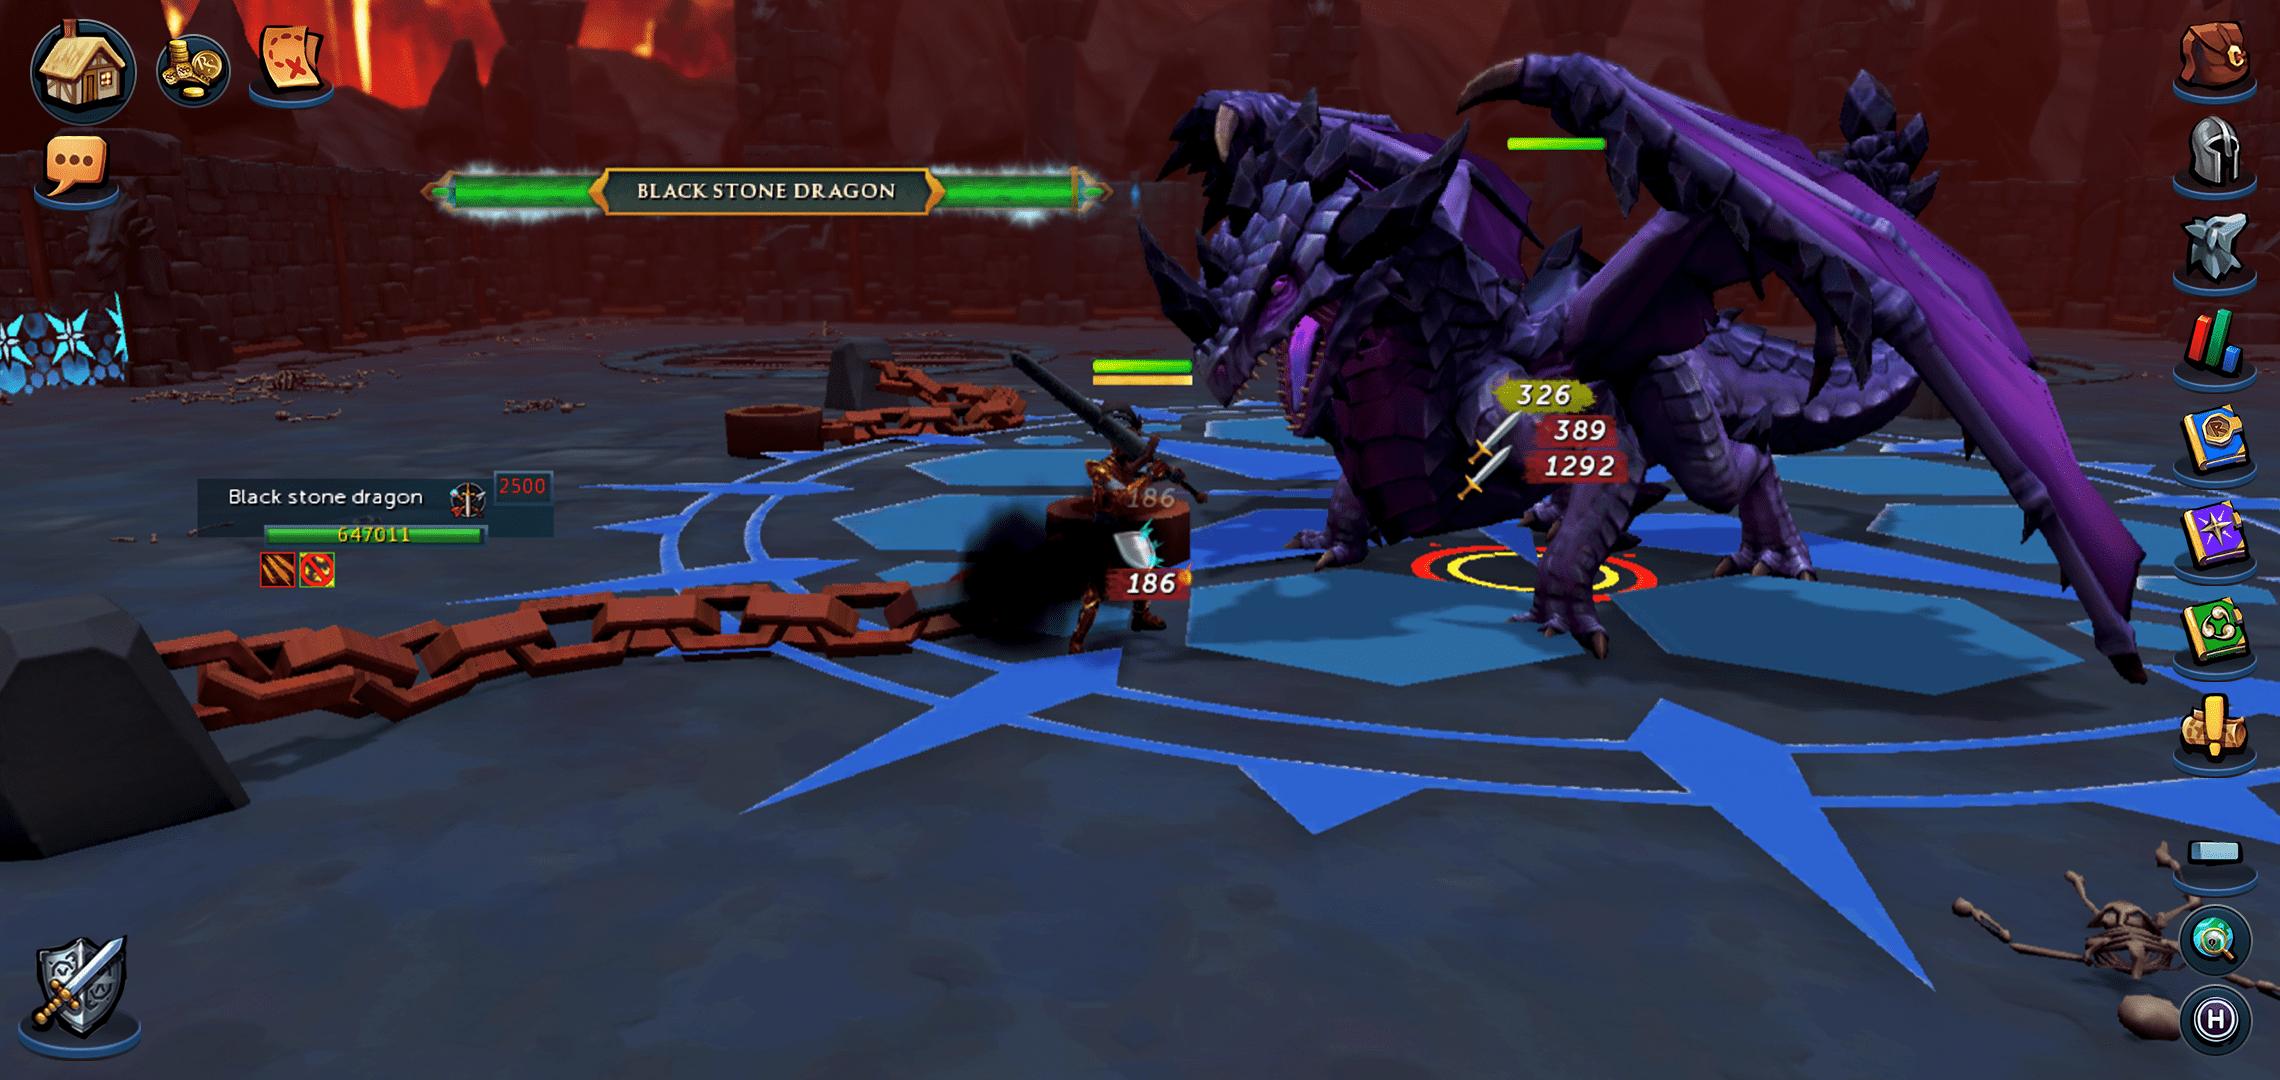 King Black Dragon RuneScape Mobile